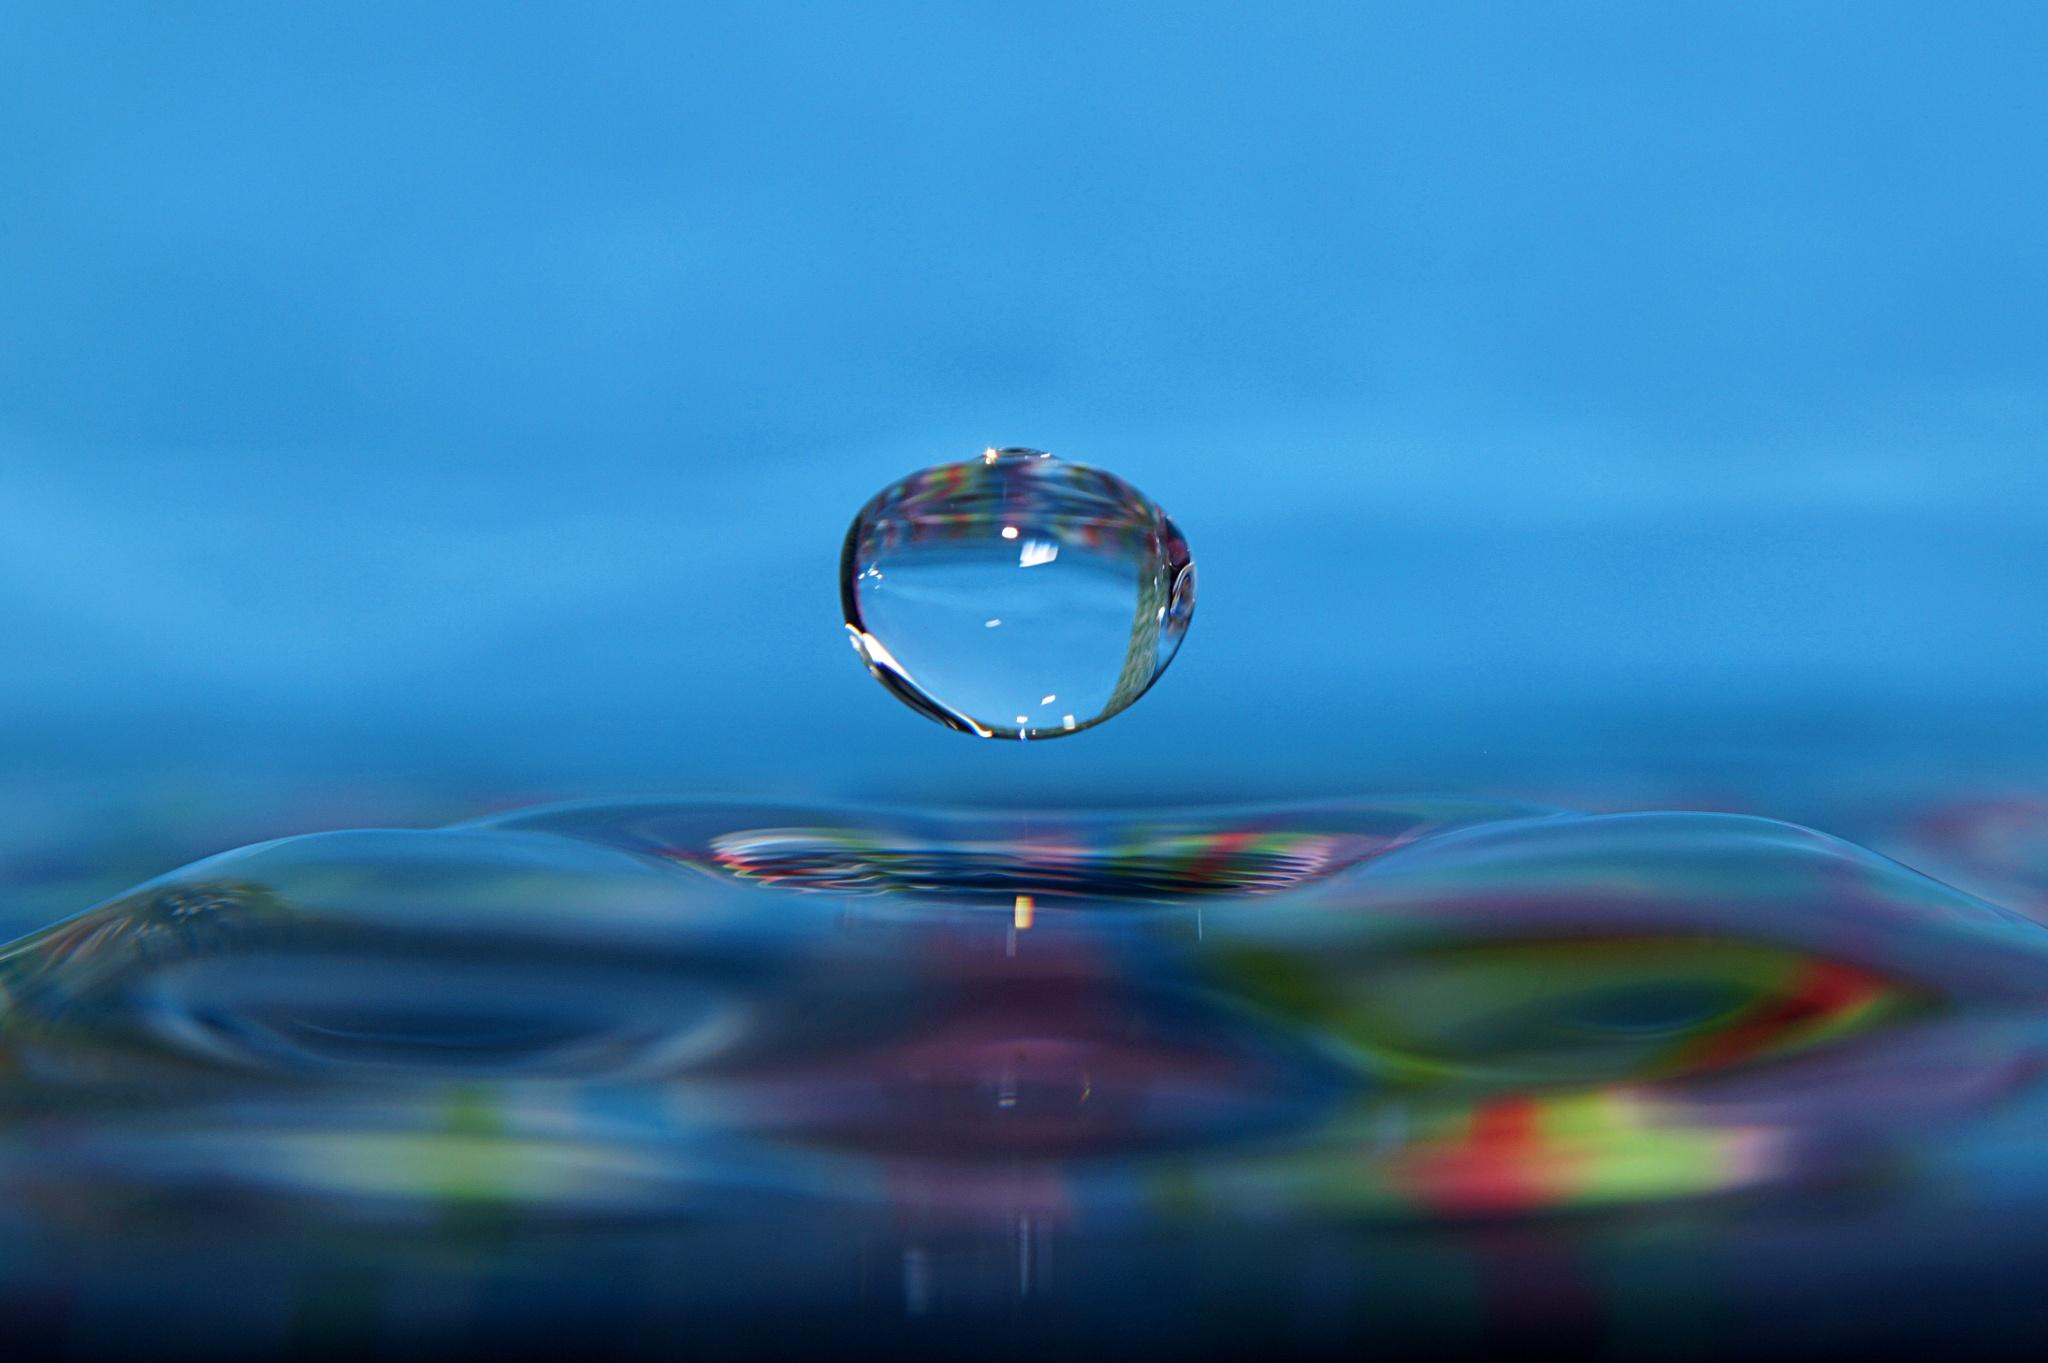 waterdrop by Klaus Vartzbed